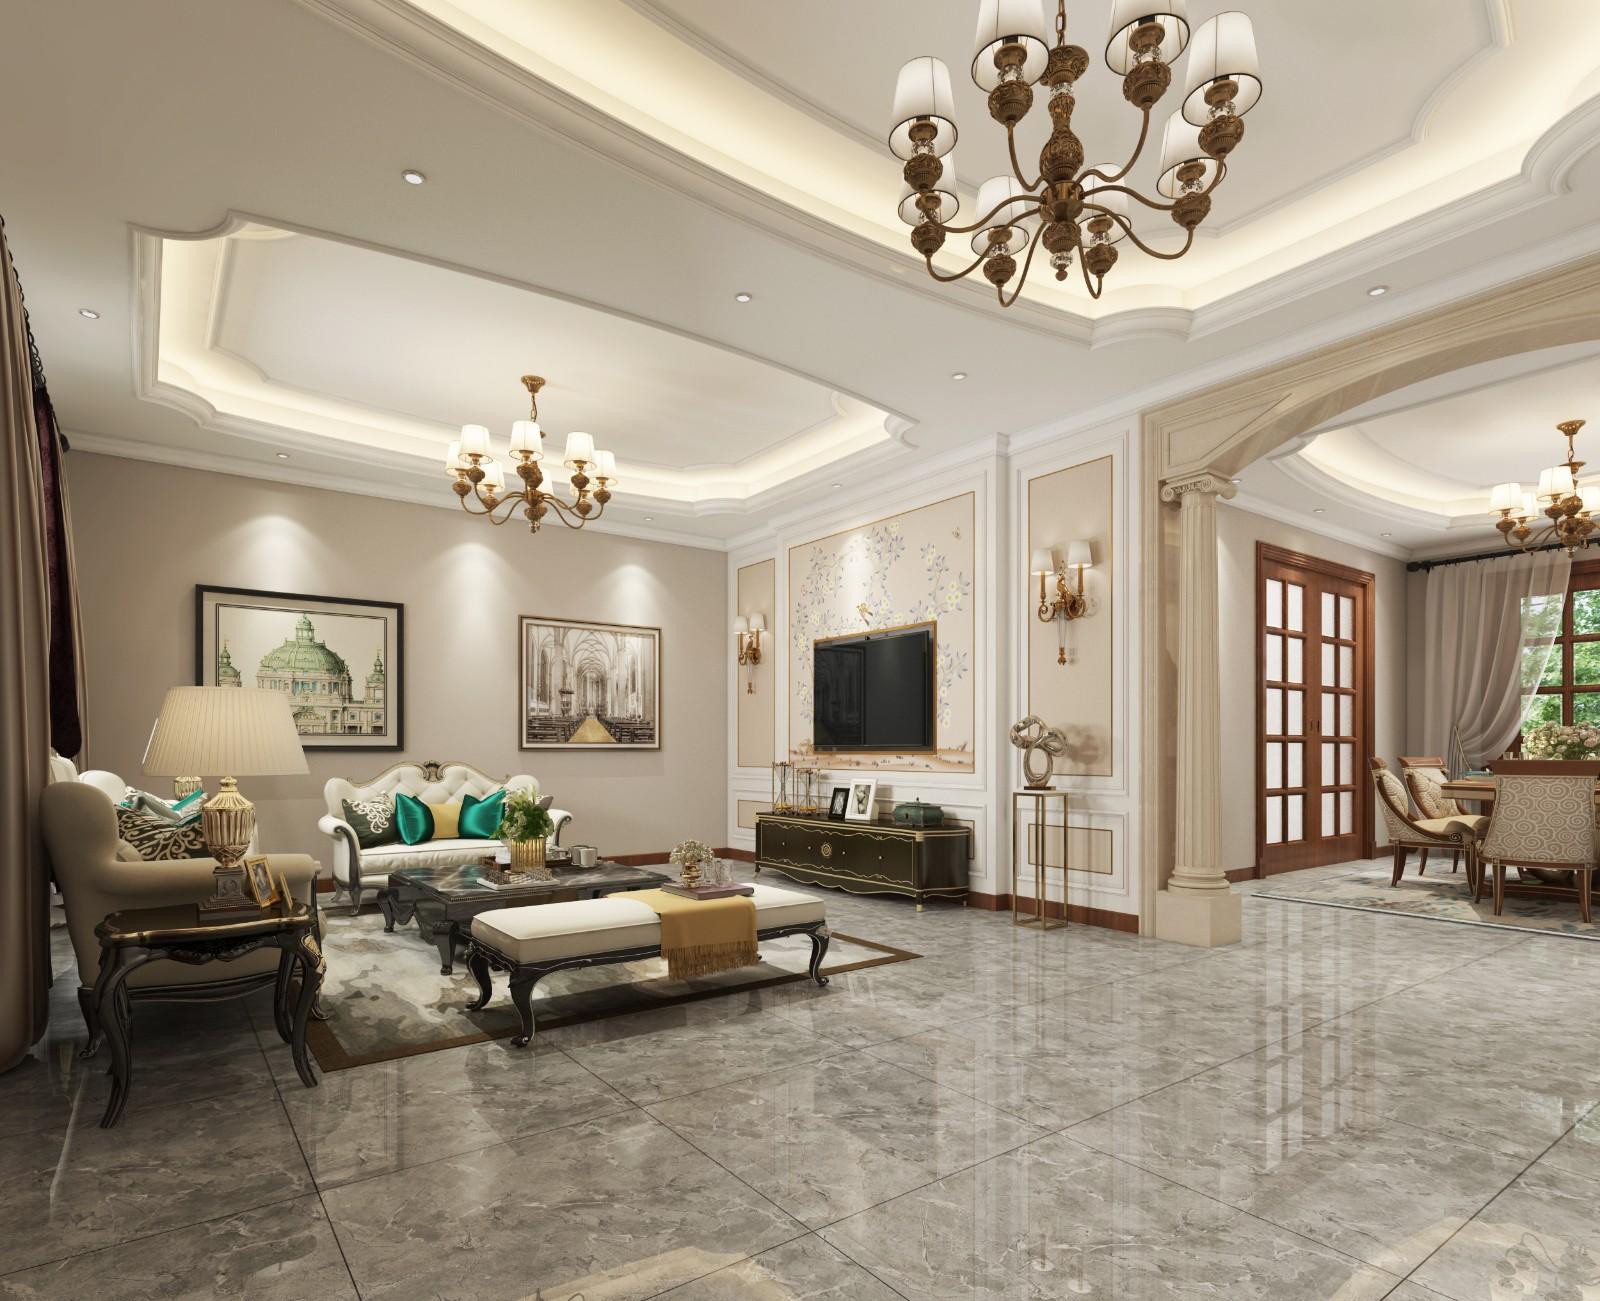 618狂欢升级:A1占地120㎡简欧二层6室2厅别墅,38万搬回家!